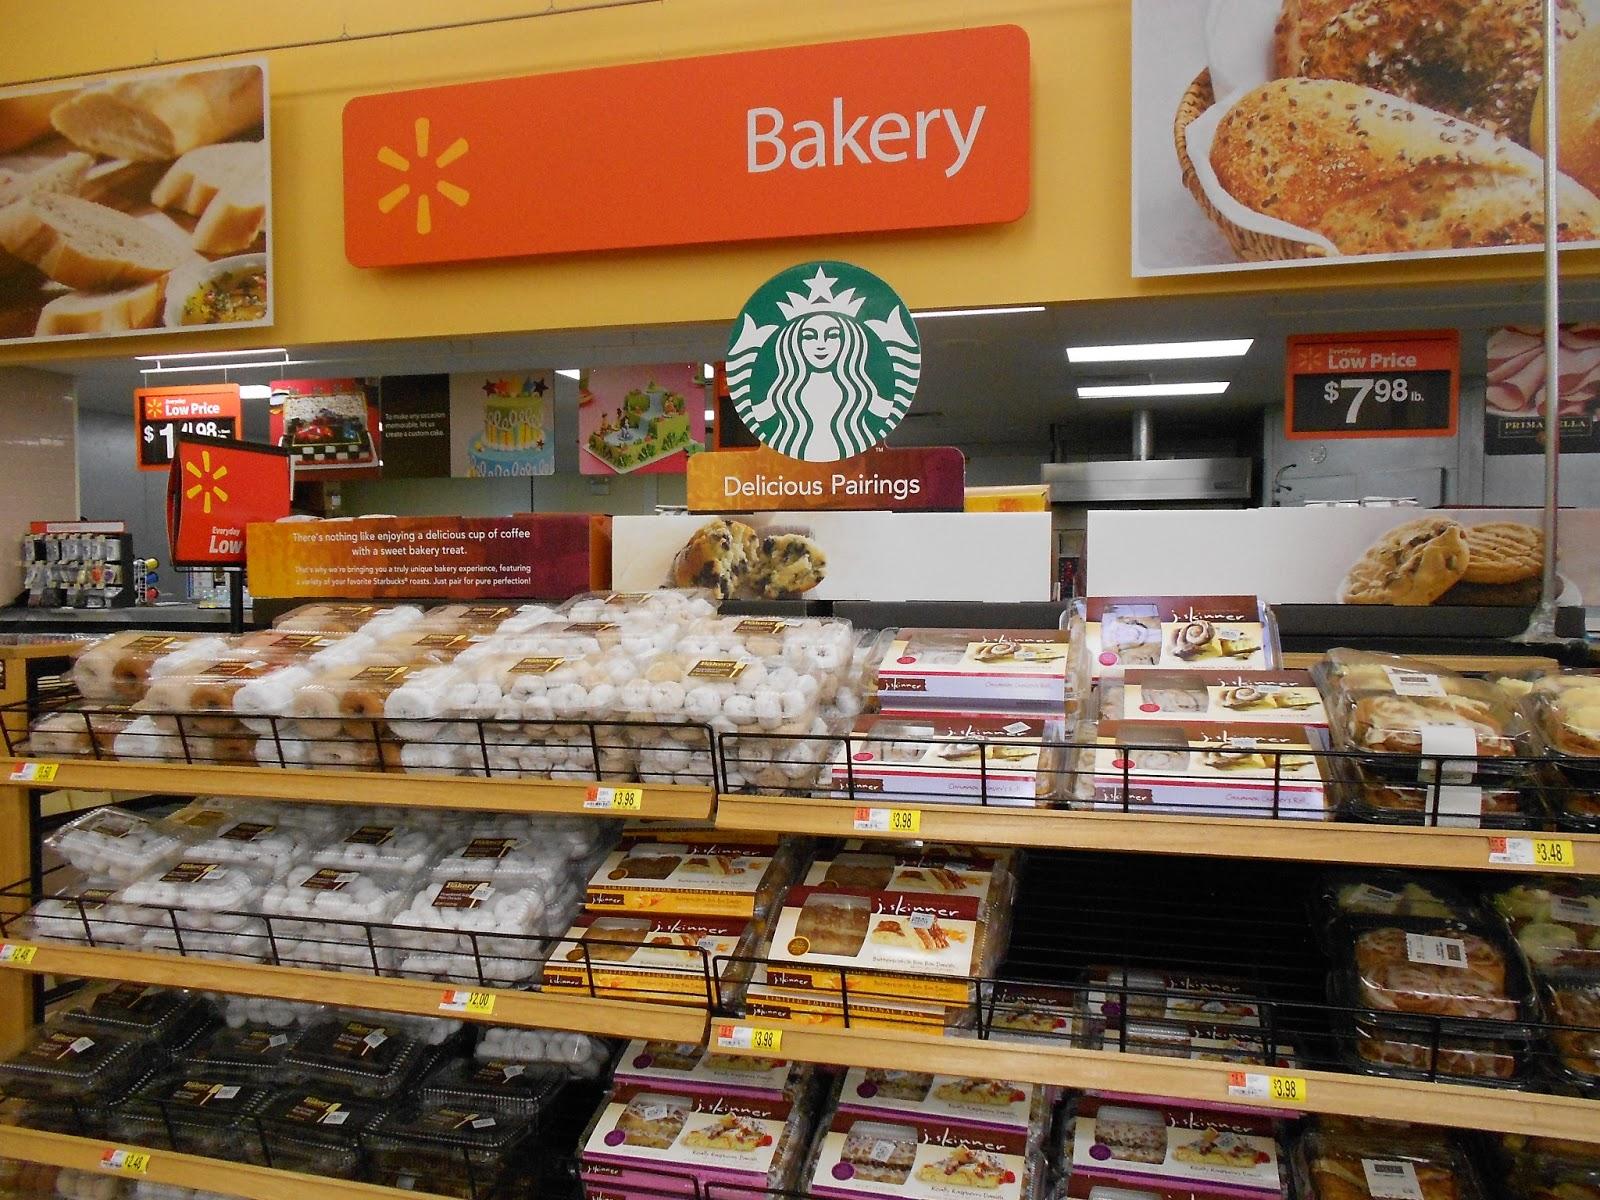 Walmart Bakery Prices - Deli Menu PricesWalmart Bakery Prices ...